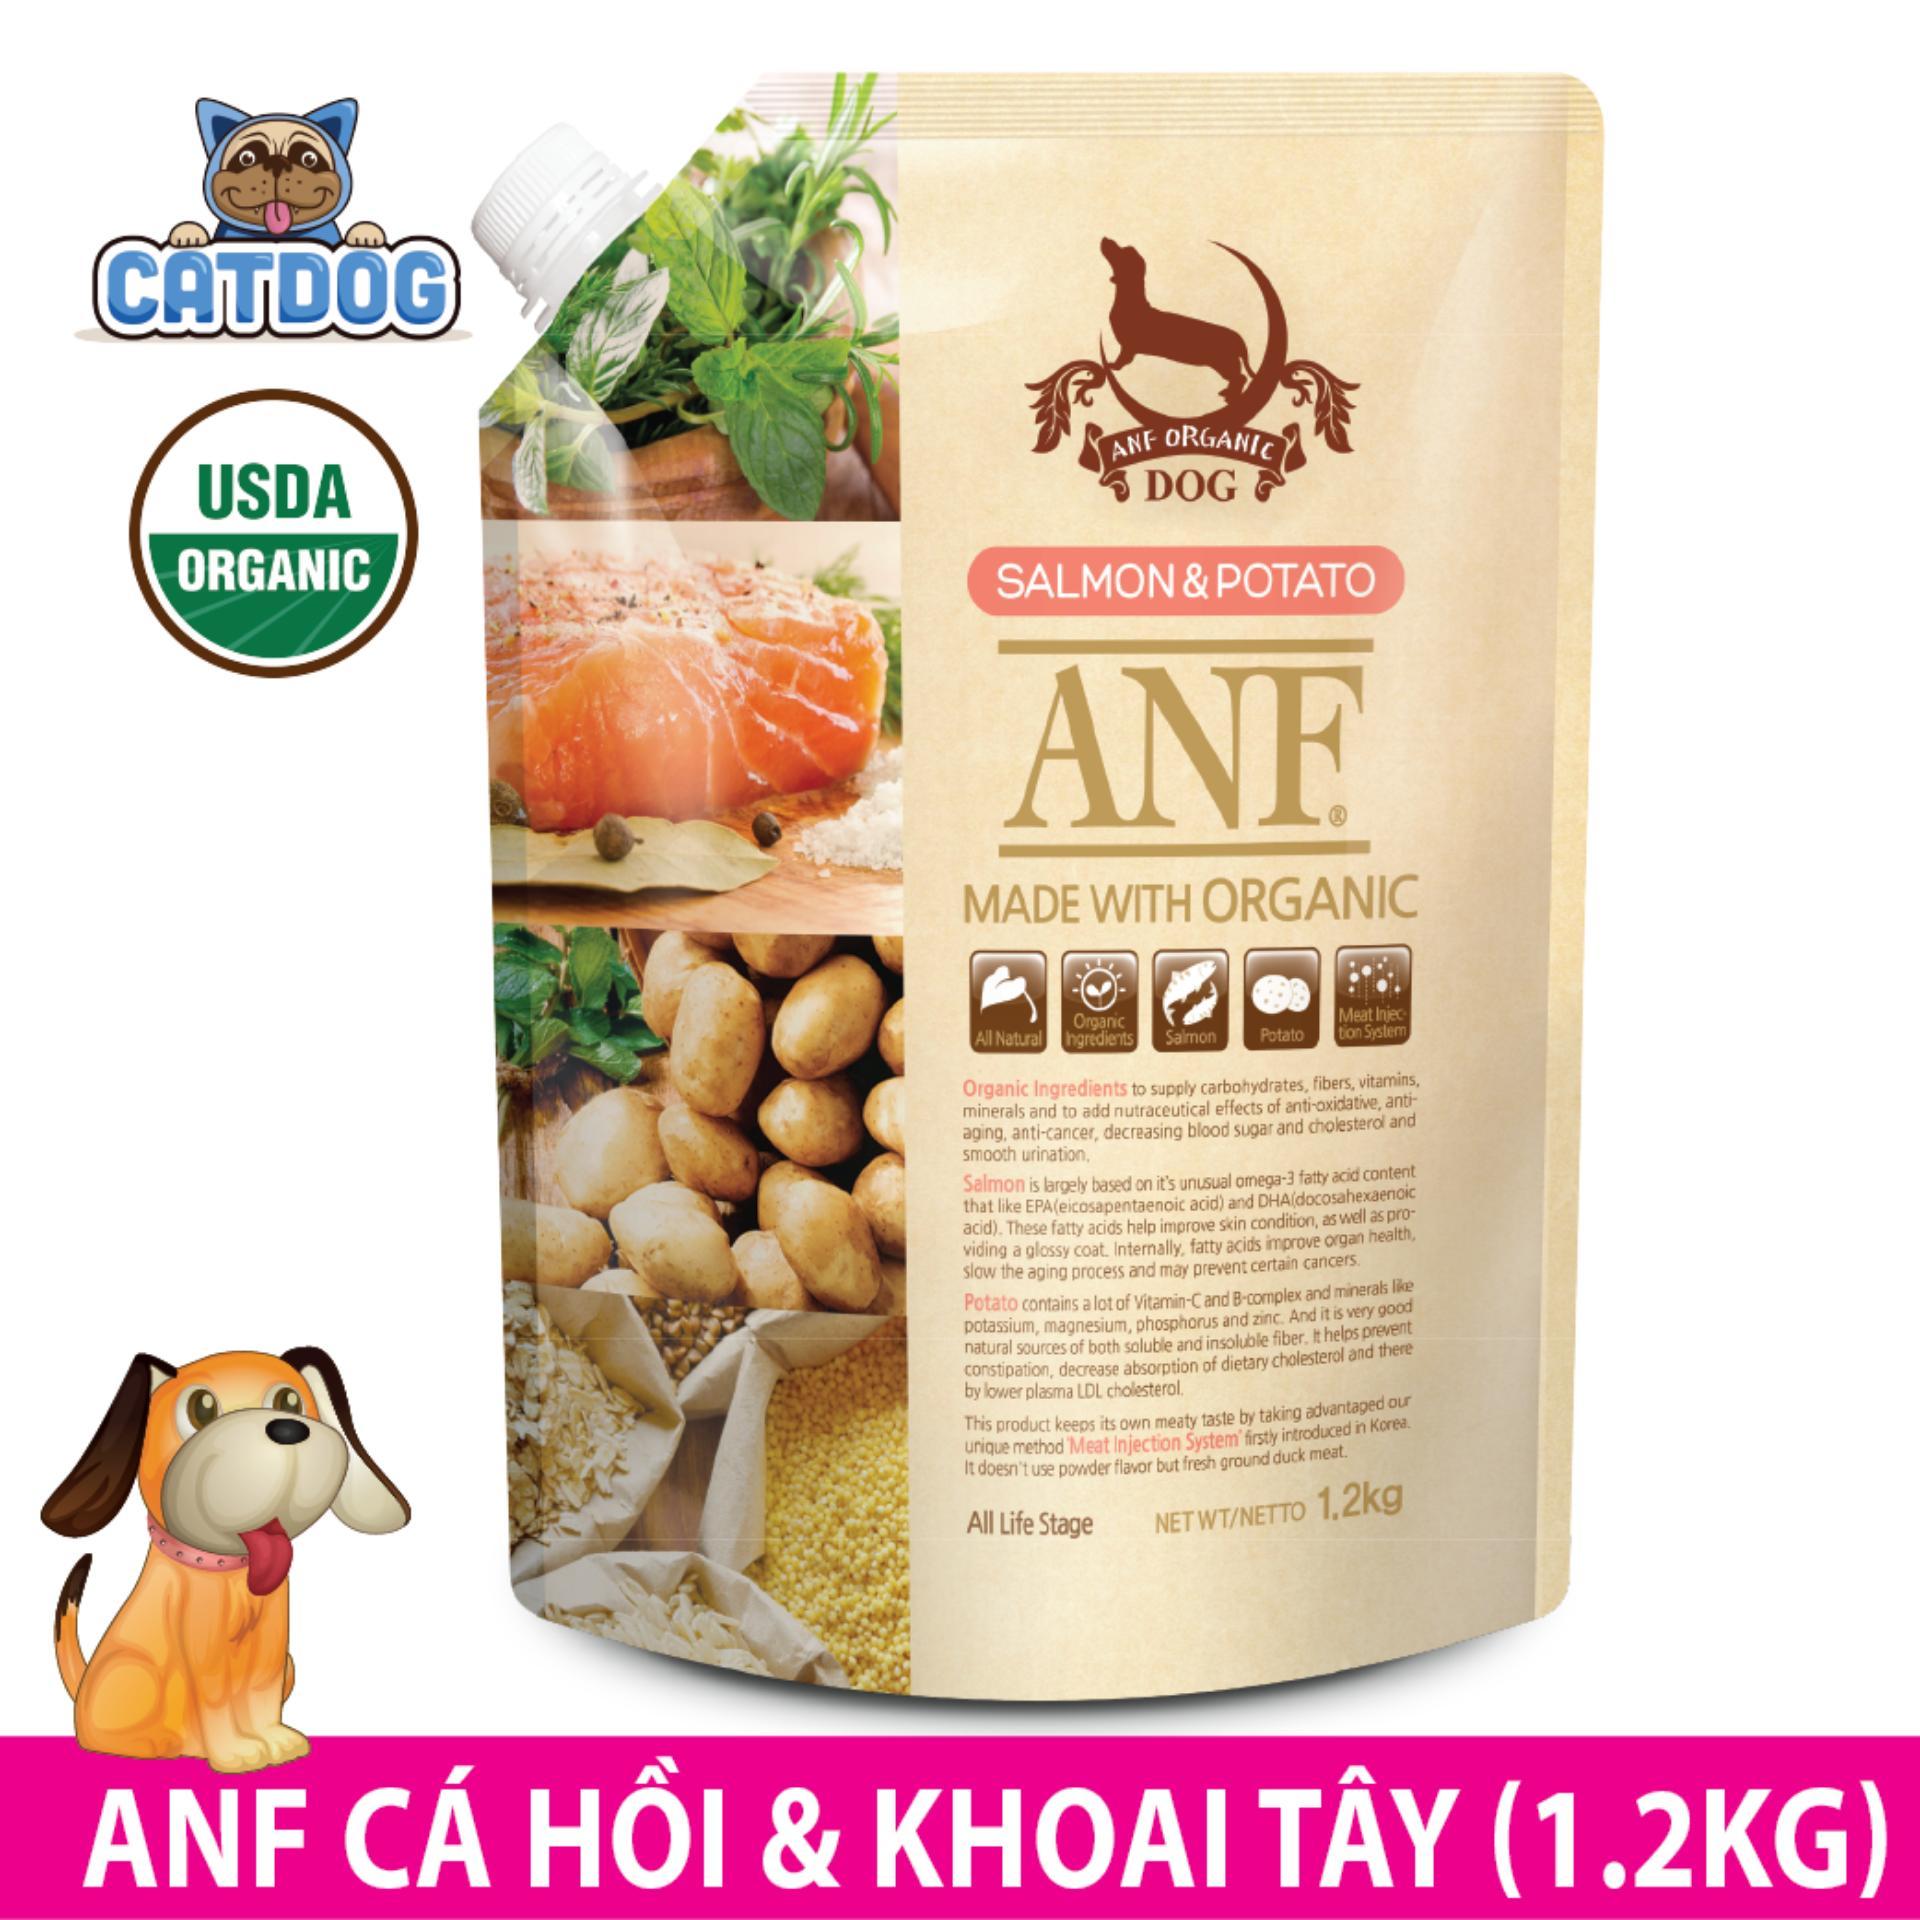 Ôn Tập Hạt Anf Made With Organic Vị Ca Hồi Va Khoai Tay 1 2Kg Cho Hà Nội